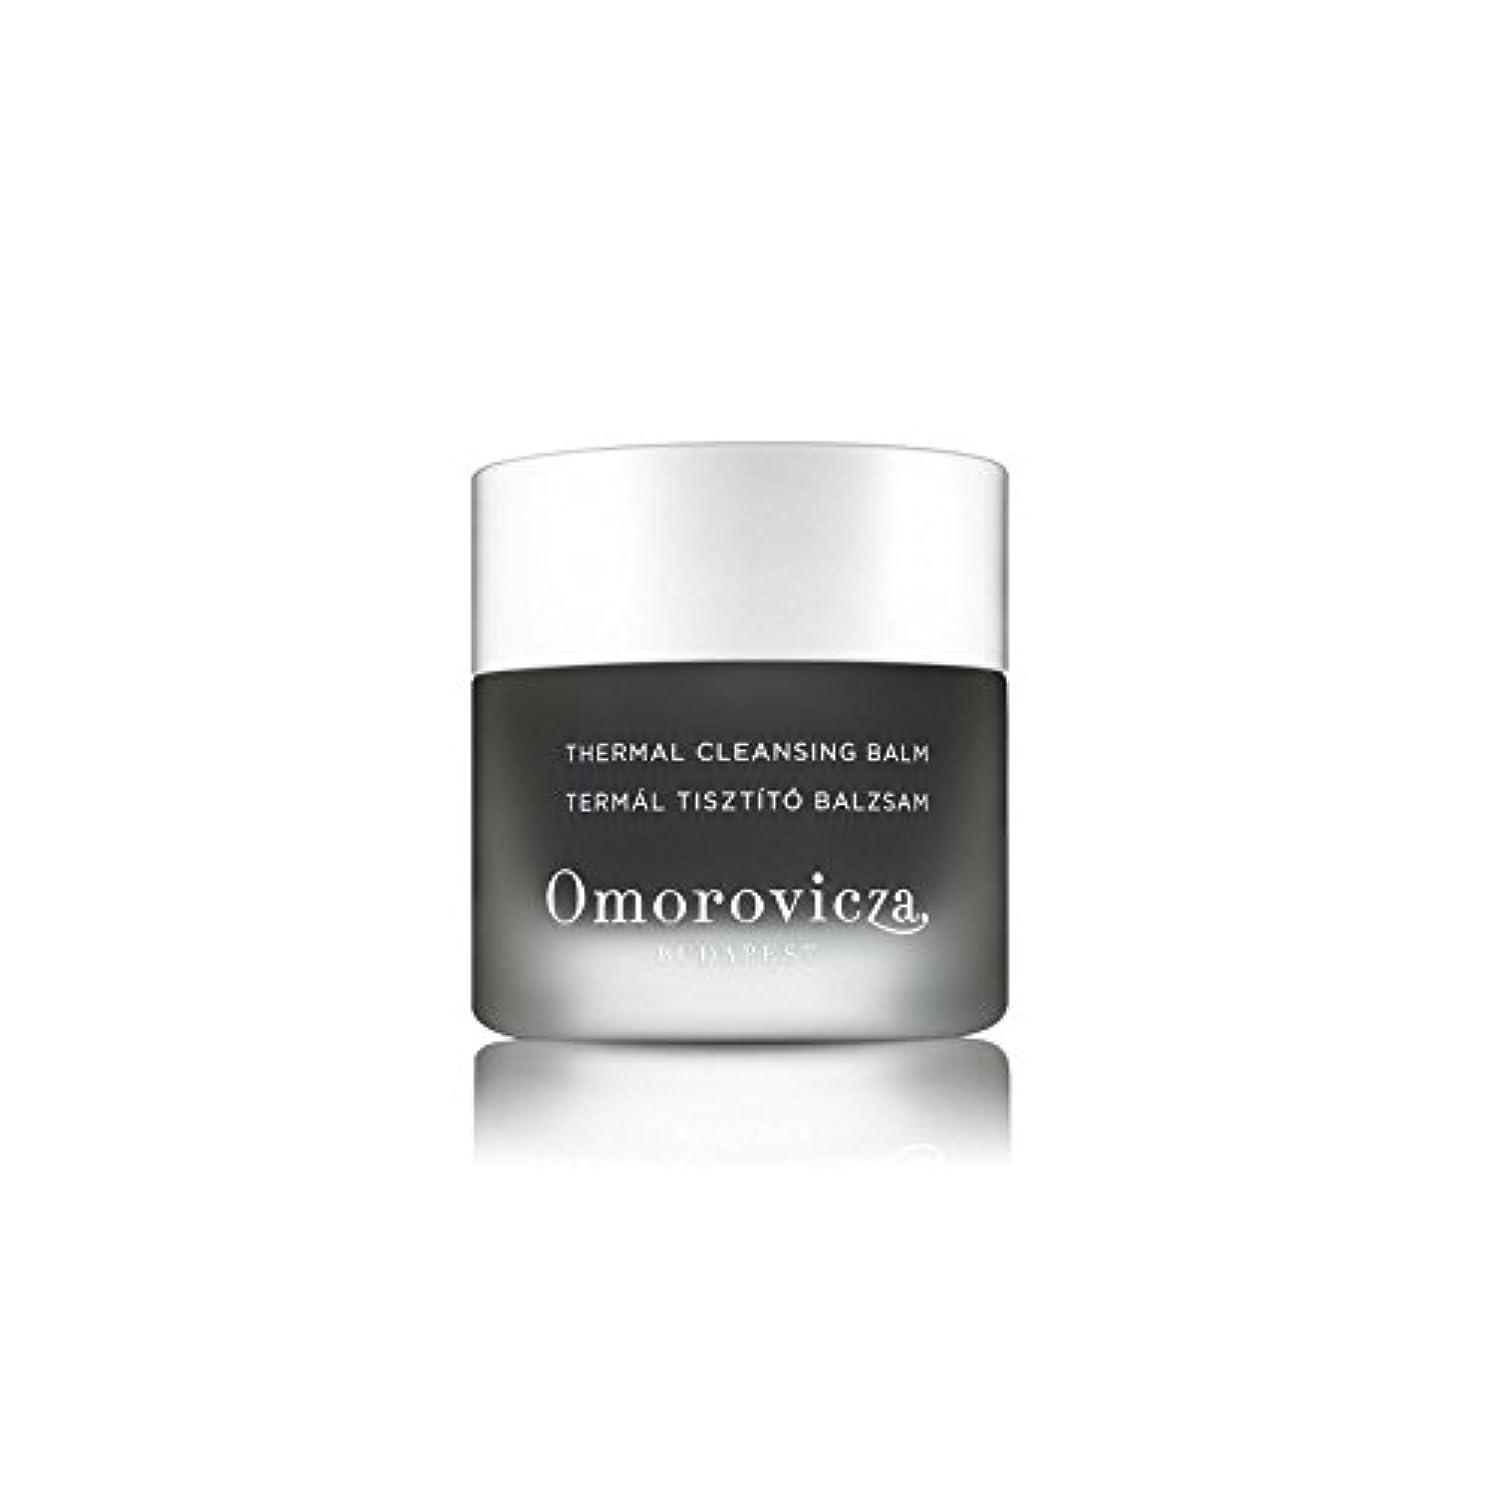 肥料オーロック滑りやすいOmorovicza Thermal Cleansing Balm - All Skin Types (50ml) - すべての肌タイプ(50ミリリットル) - サーマルクレンジングバーム [並行輸入品]